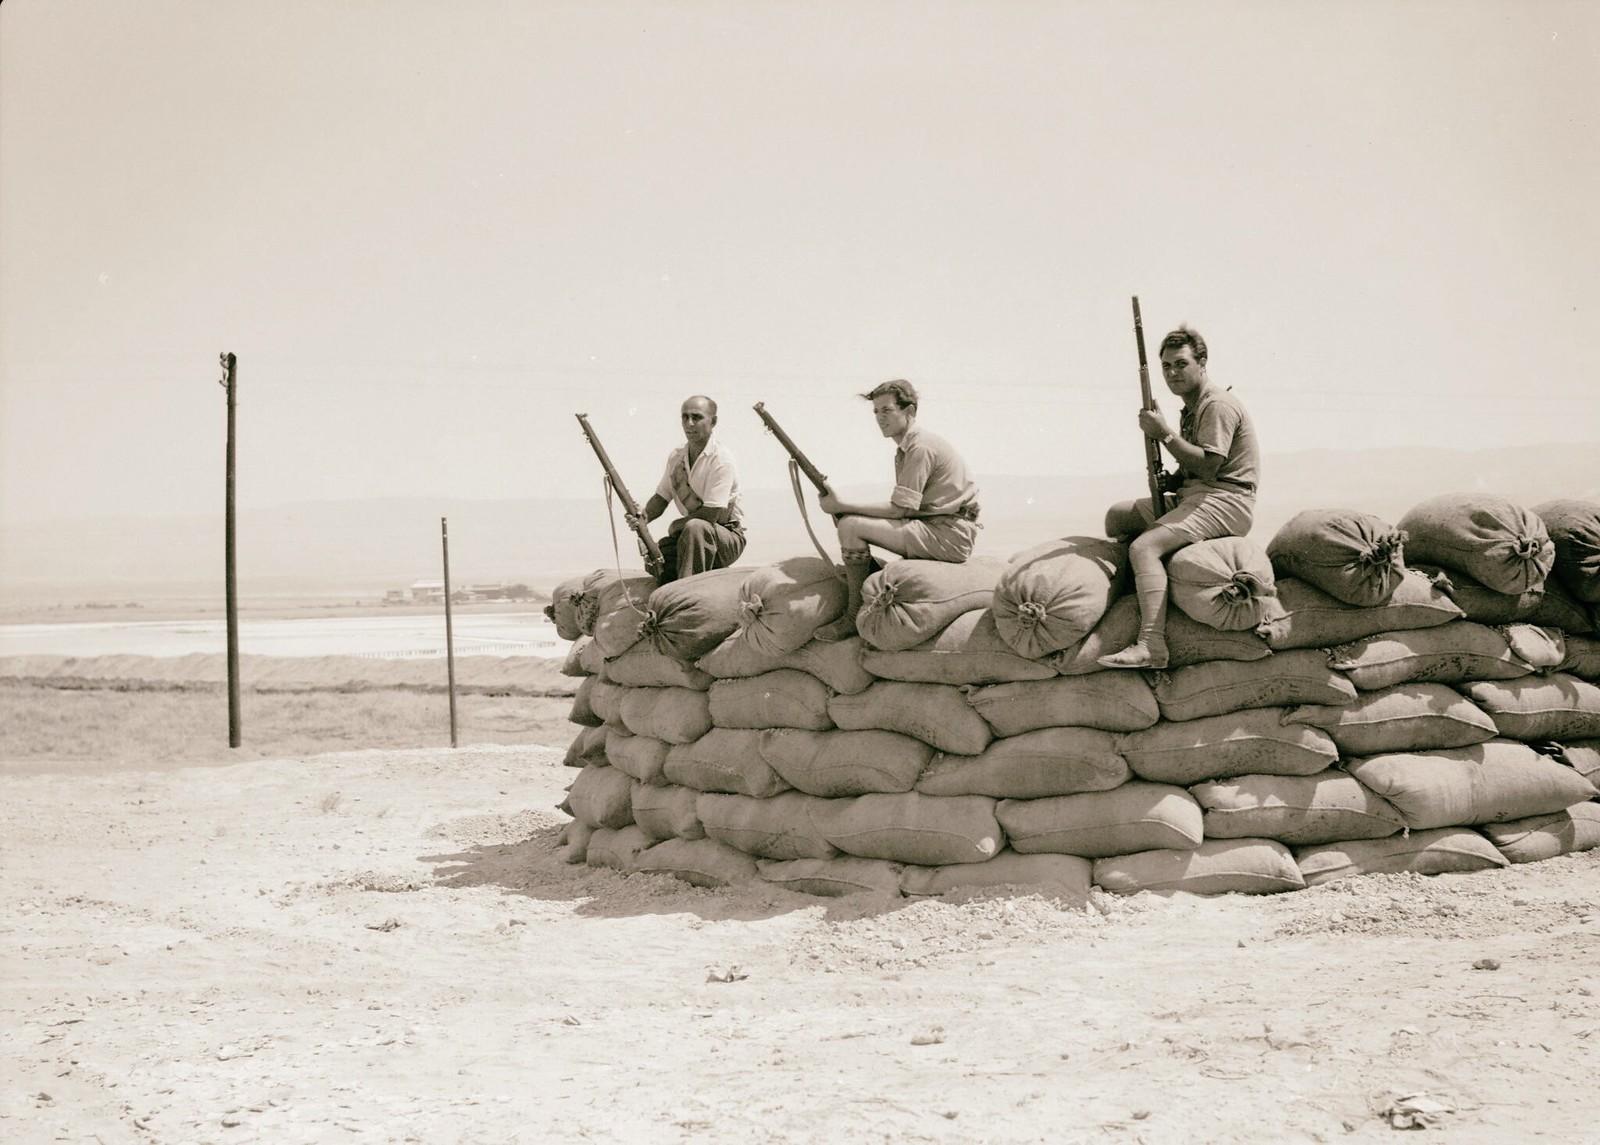 22. 1938. Вооруженные еврейские рабочие компании «Palestine Potash Ltd» охраняют подходы к калийному заводу на северной оконечности Мертвого моря